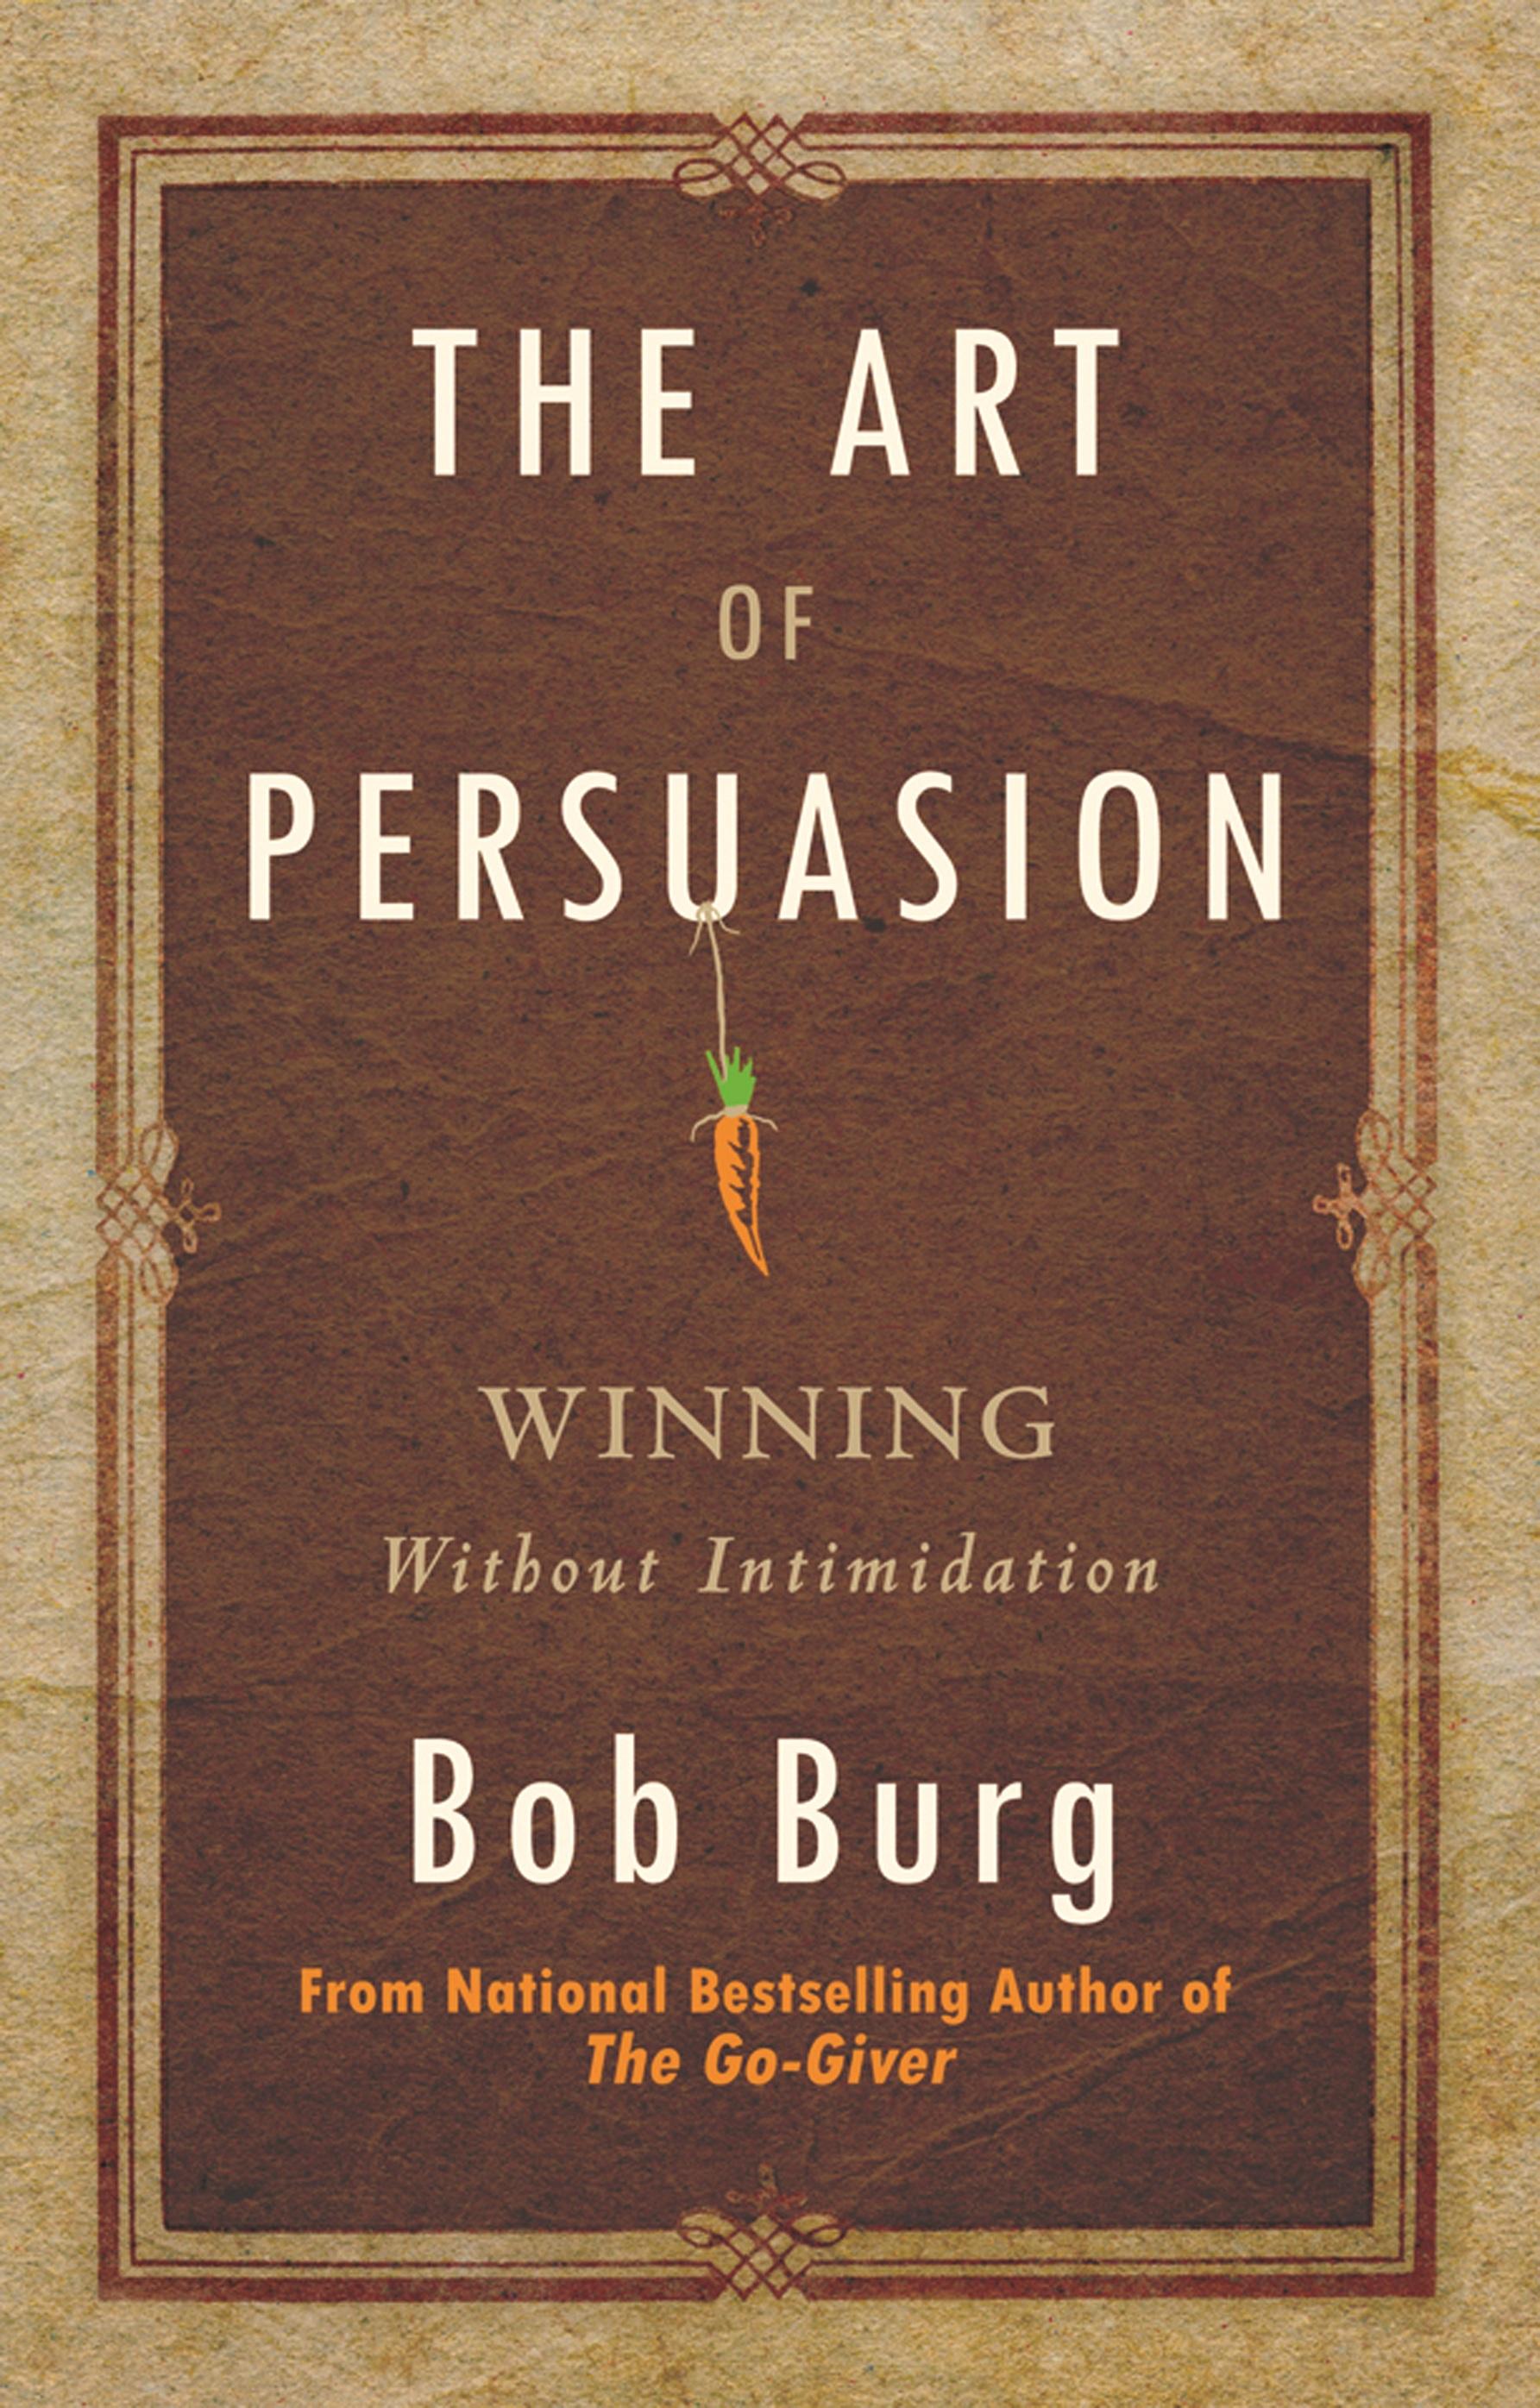 The Art of Persuasion - Bob Burg